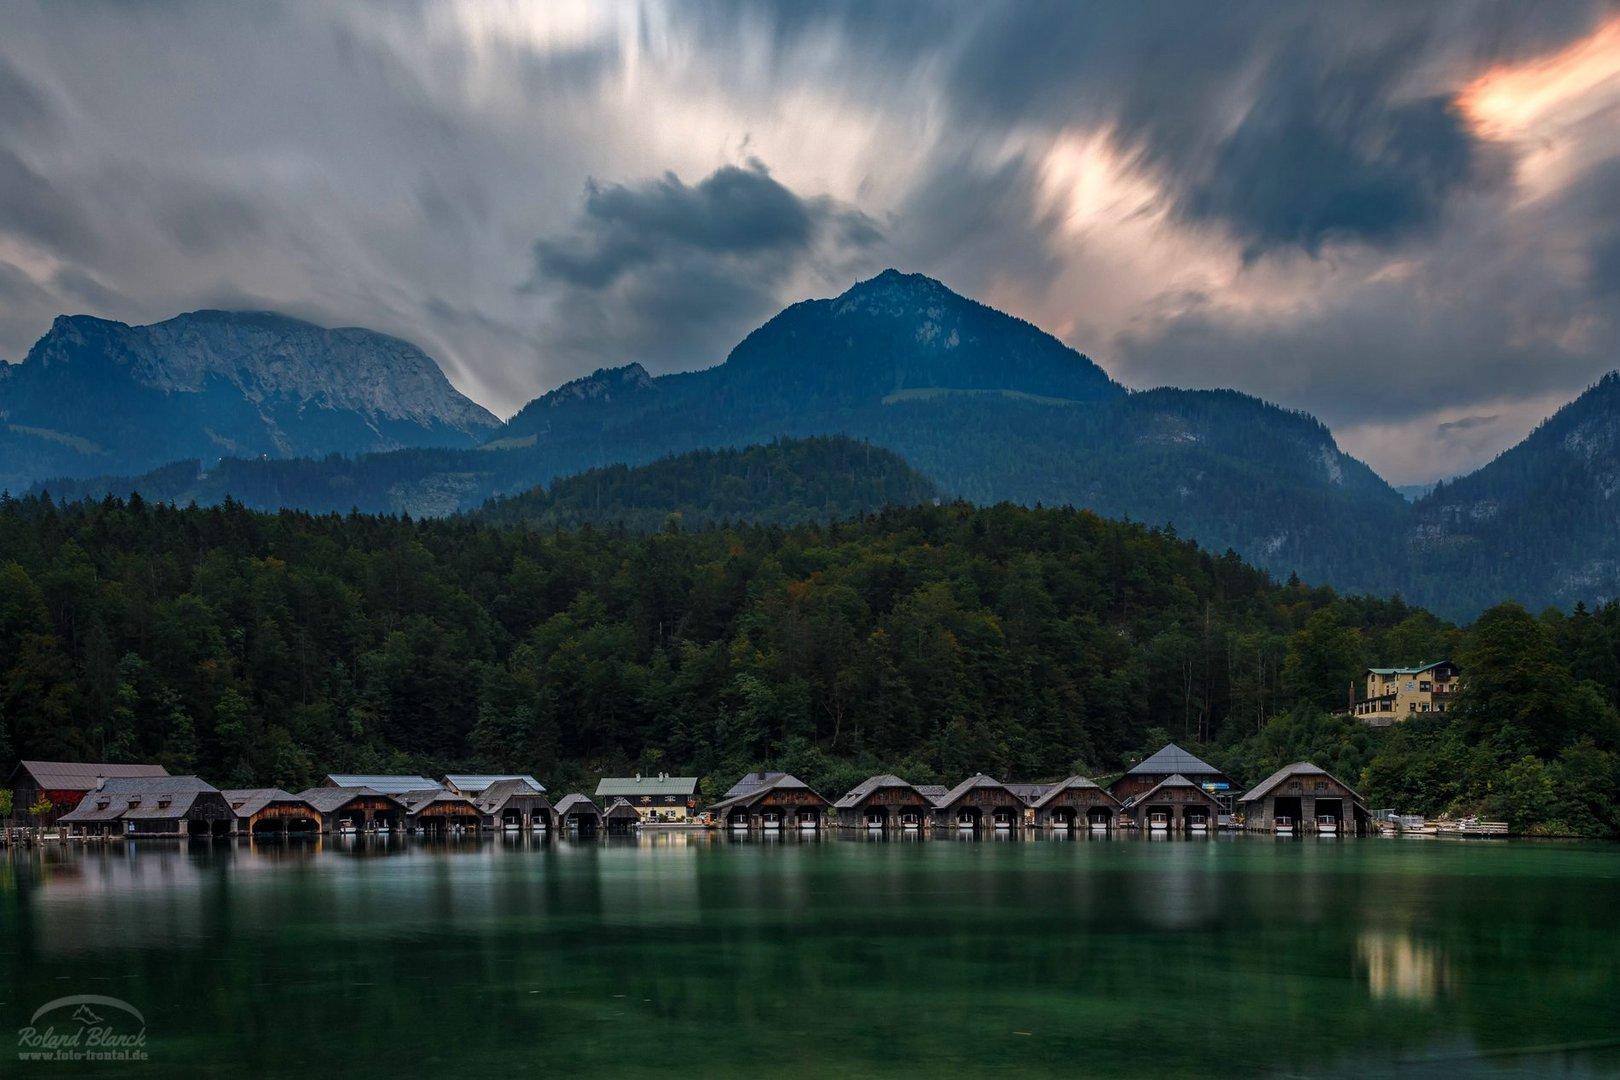 Die Bootshäuser am Königssee